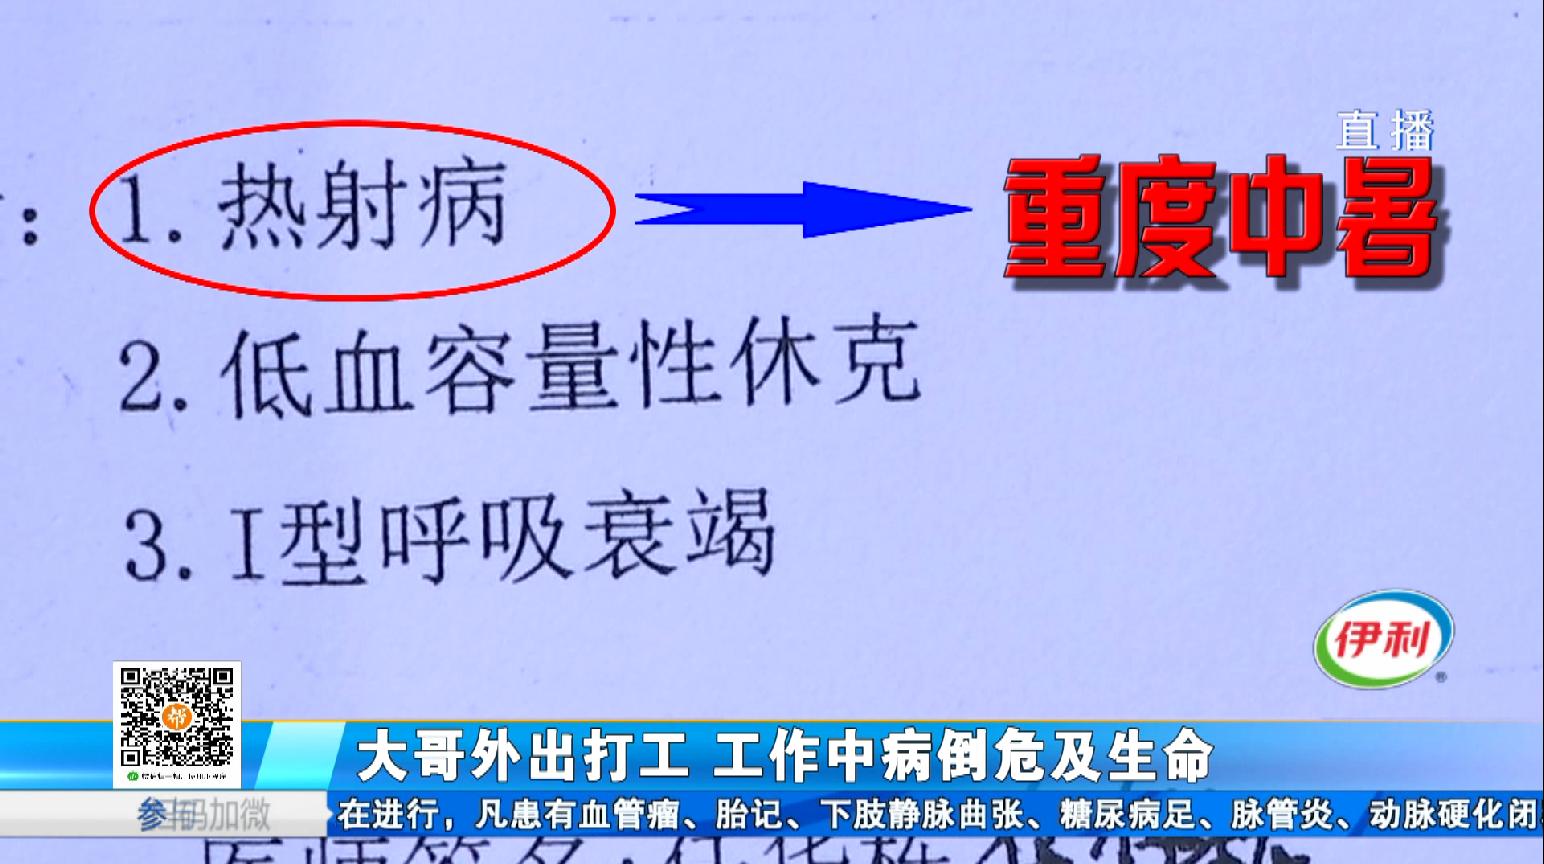 聊城:中暑昏迷谁负责?